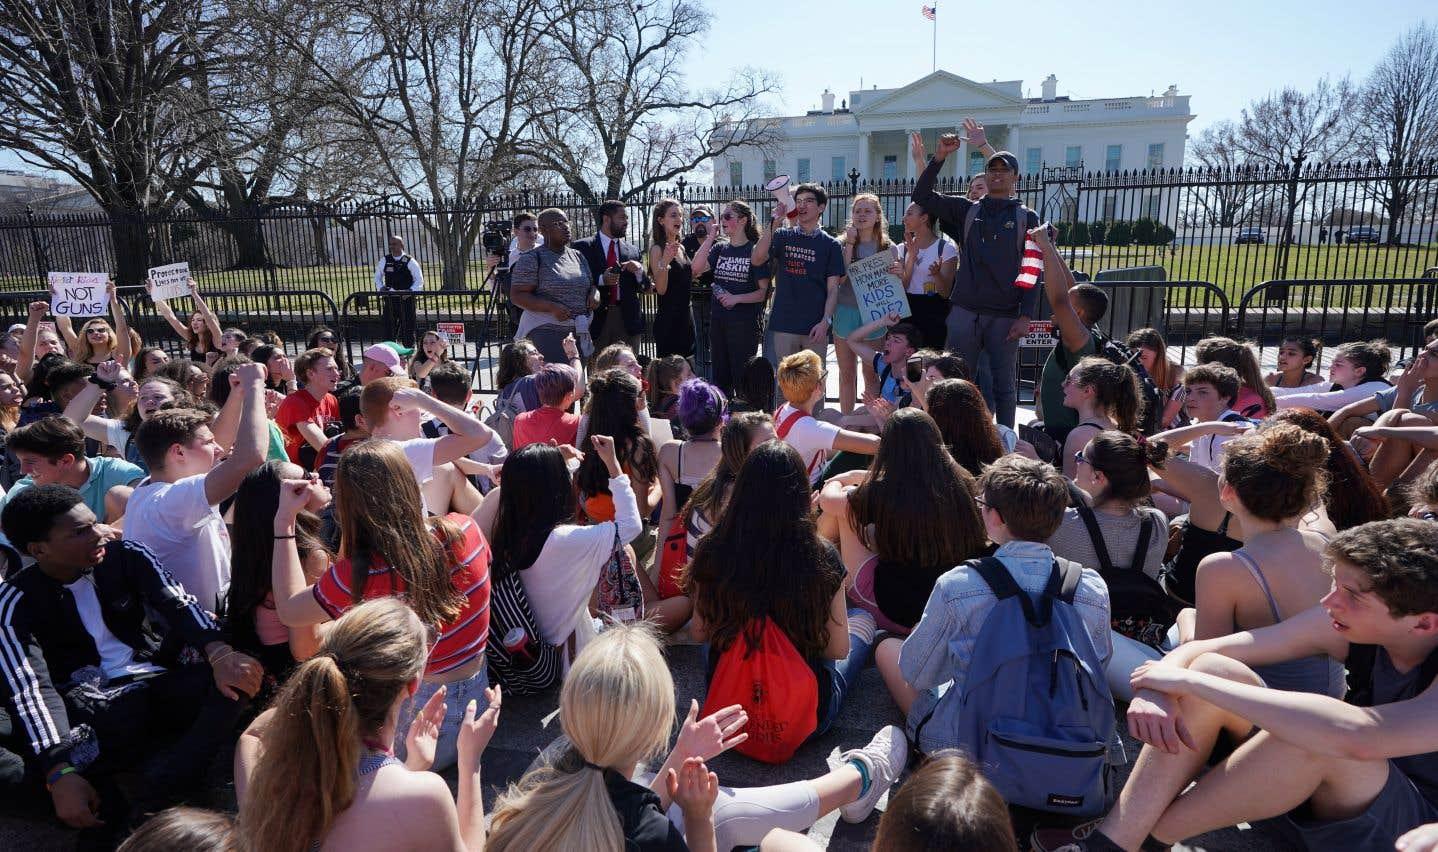 Les élèves prévoient un grand rassemblement le 24 mars à Washington, la capitale fédérale, où une manifestation spontanée s'est tenue mercredi en fin de matinée.